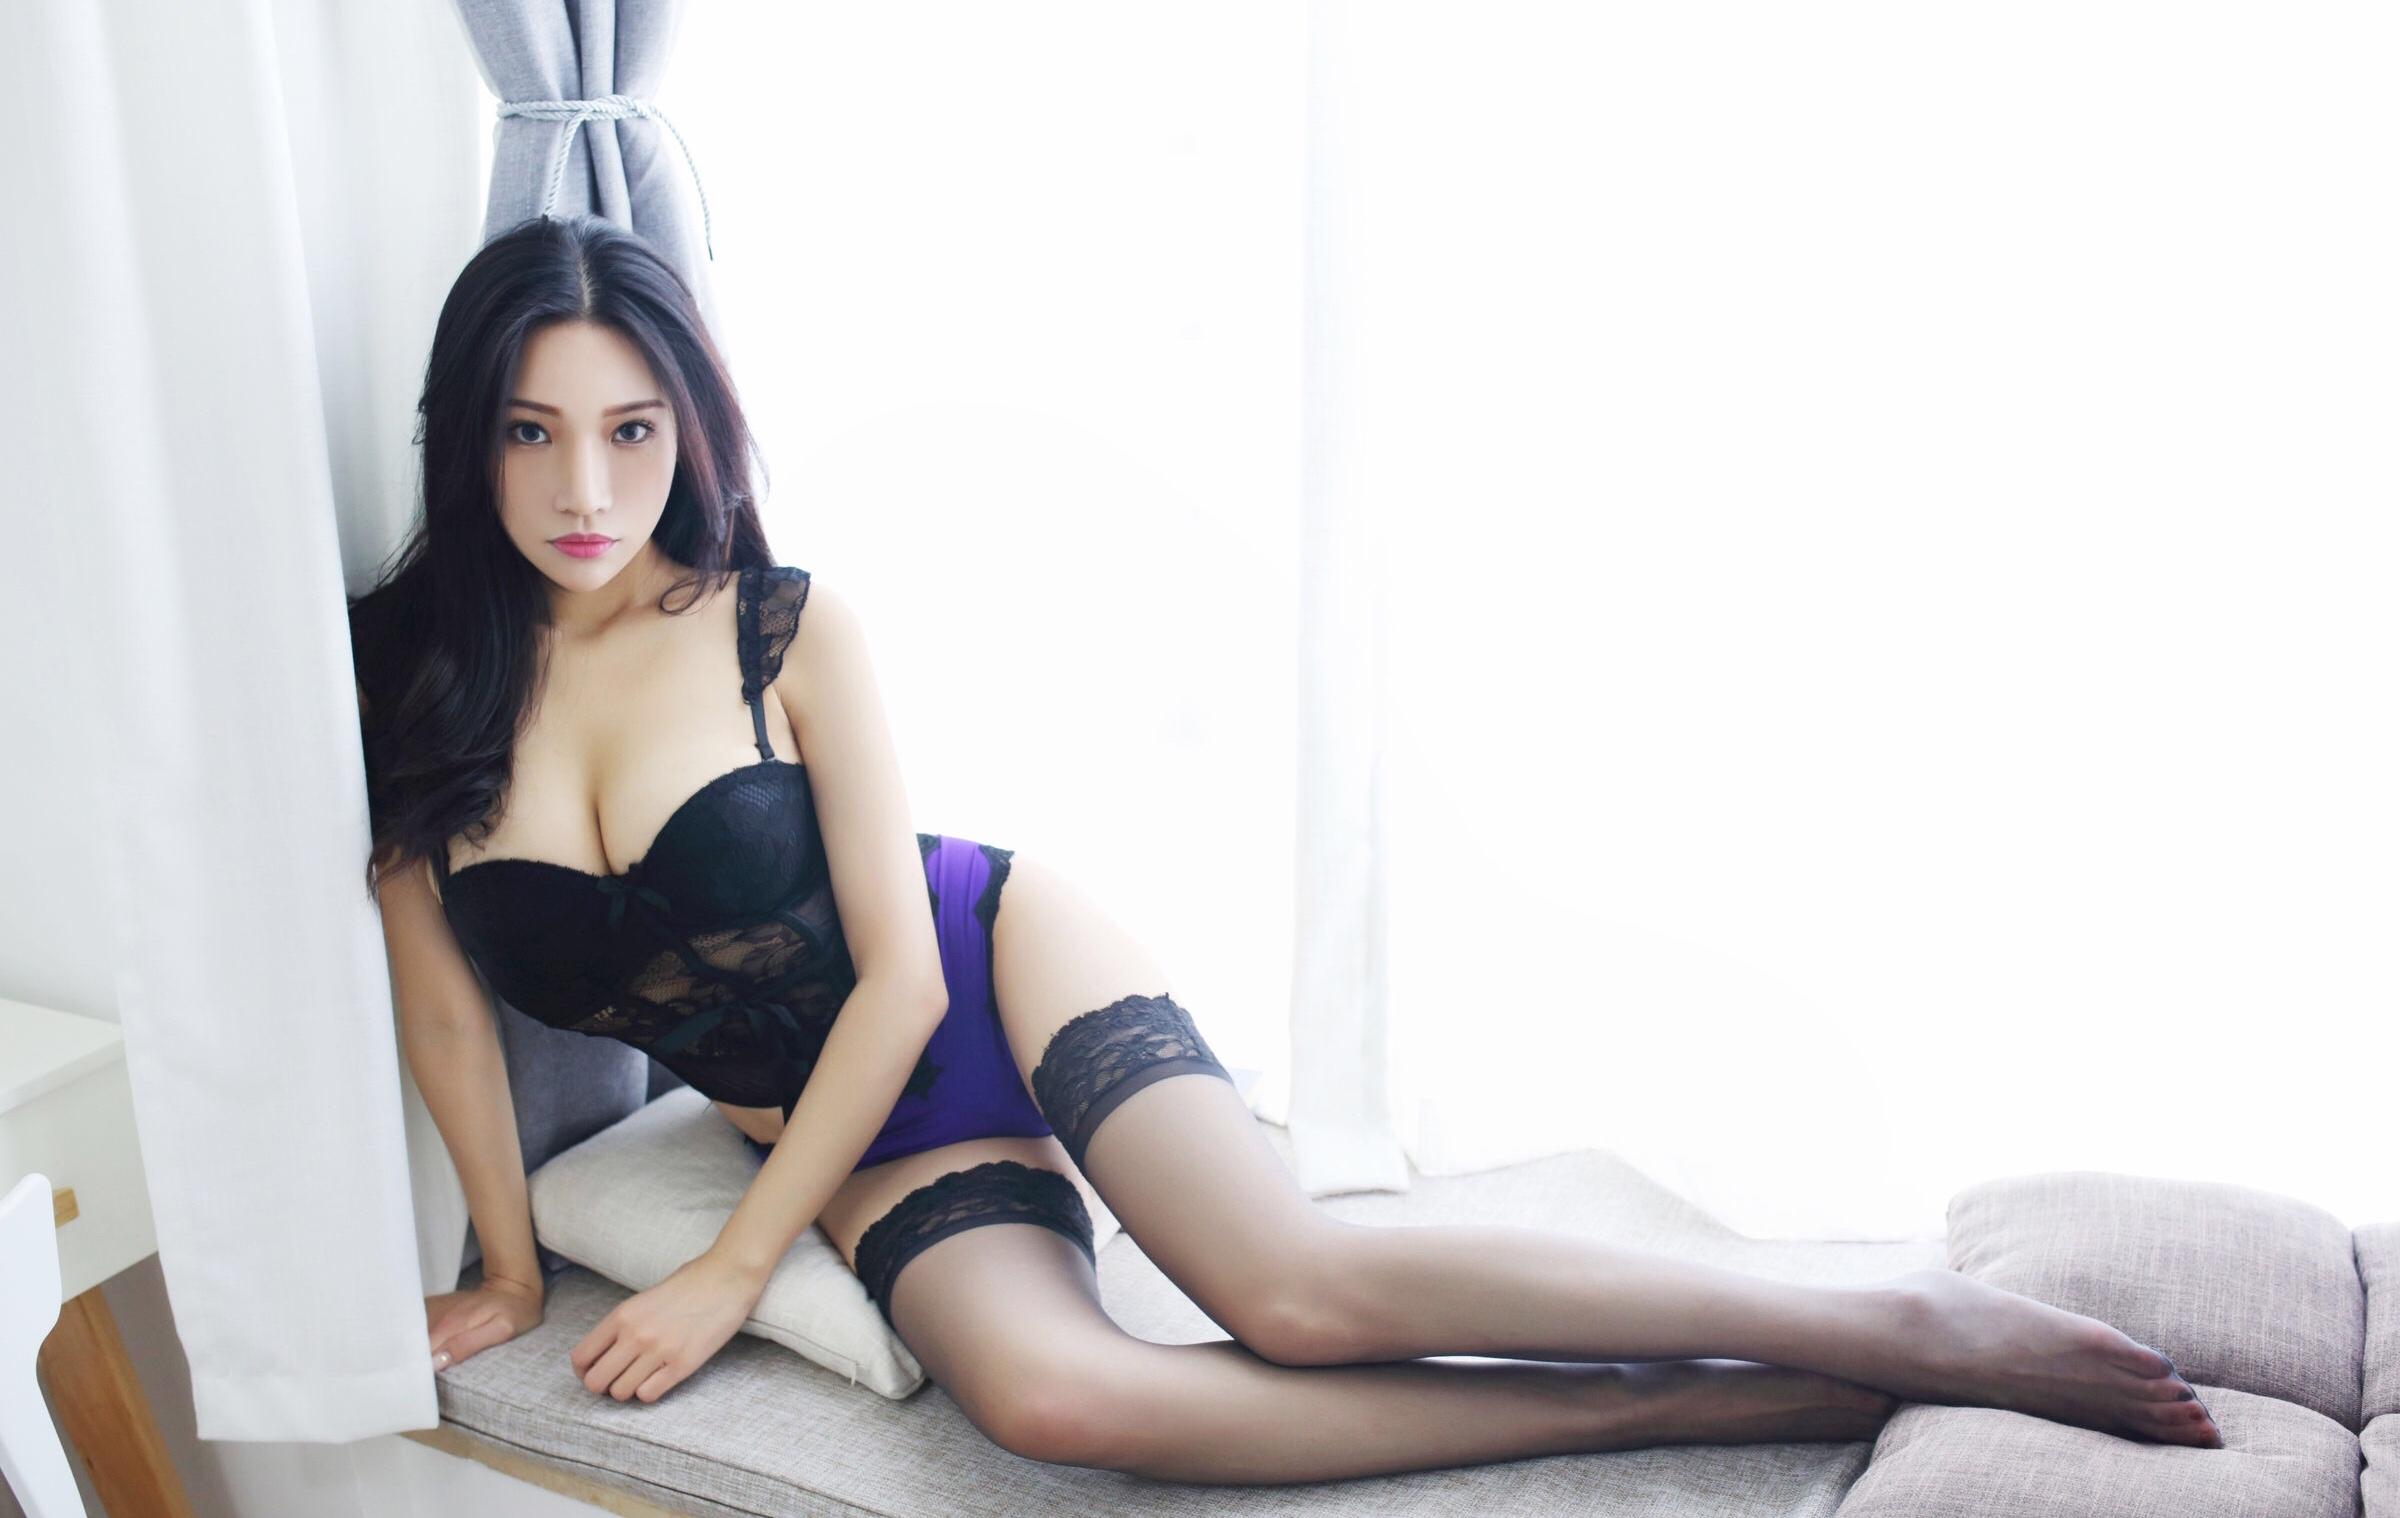 小狐狸Sica(黑丝诱惑) 15